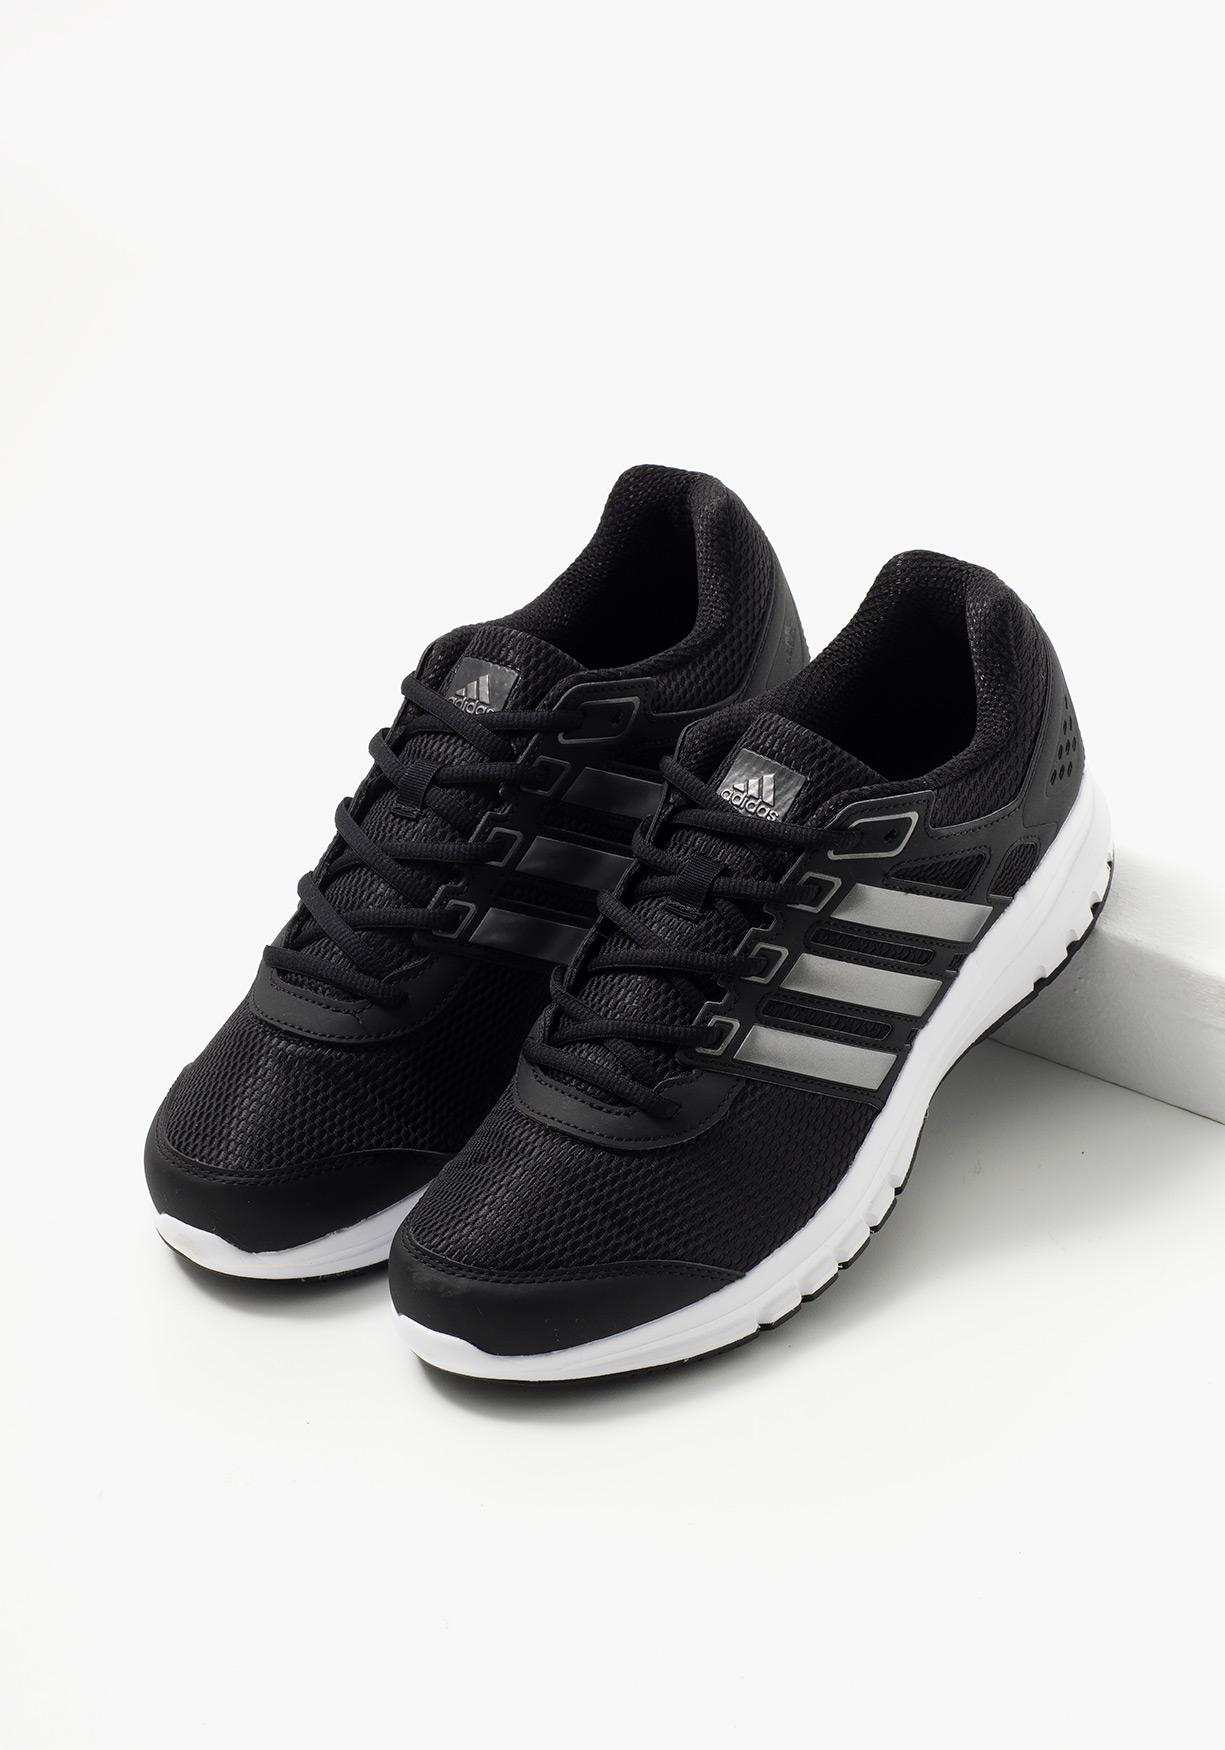 Comprar Zapatillas Qhzeoc Adidas Nuestros Deporte De ¡aprovéchate EYDW9HI2